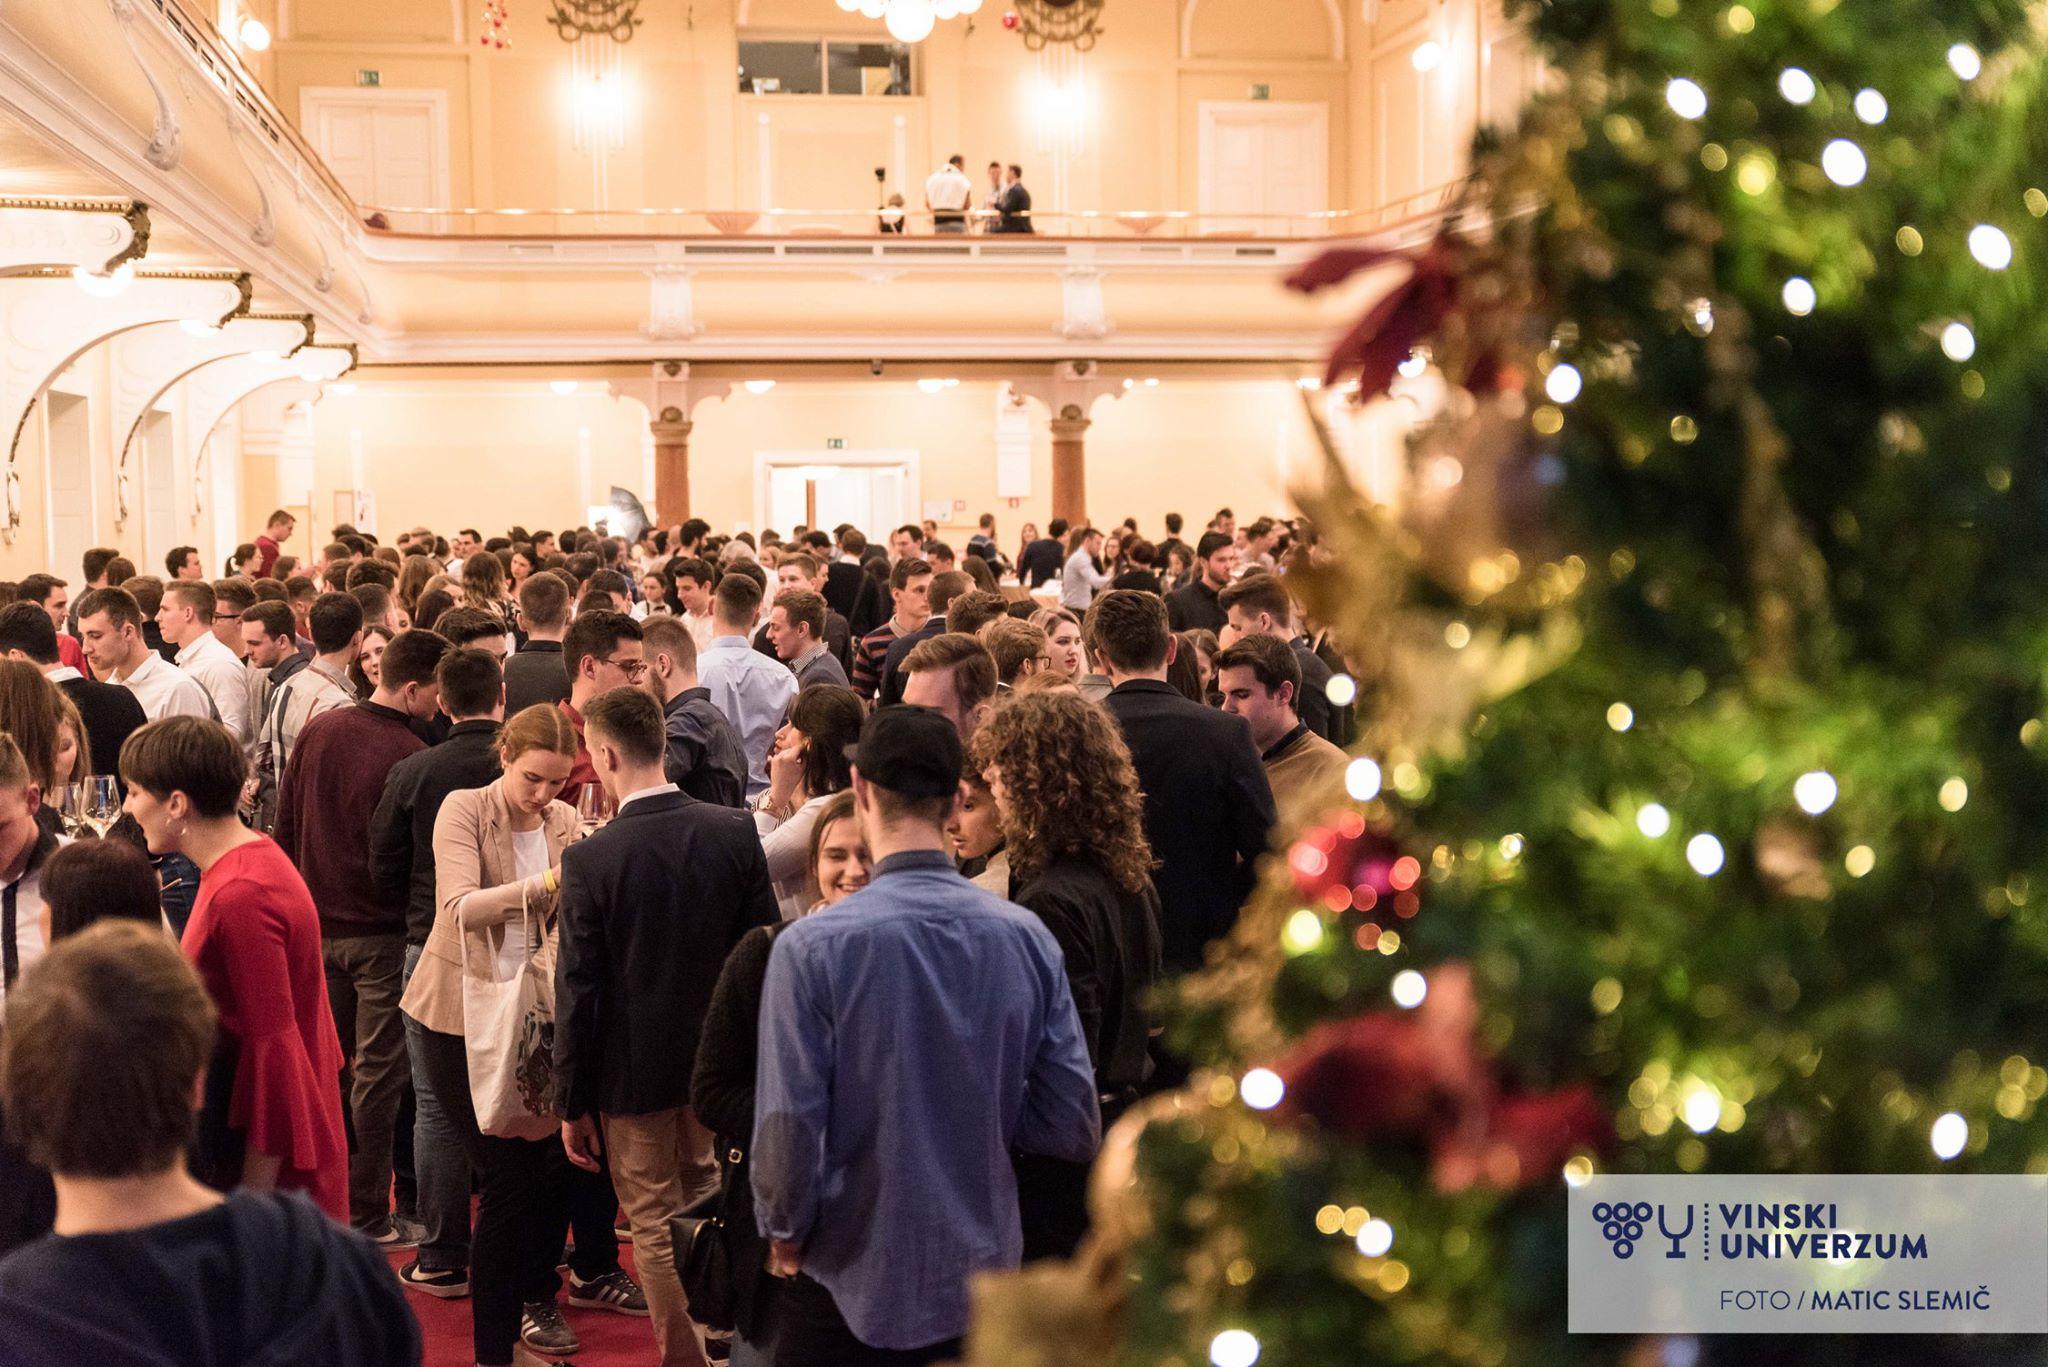 Misija Vinskega univerzuma uspela: mladi navdušeni nad vinsko kulturo